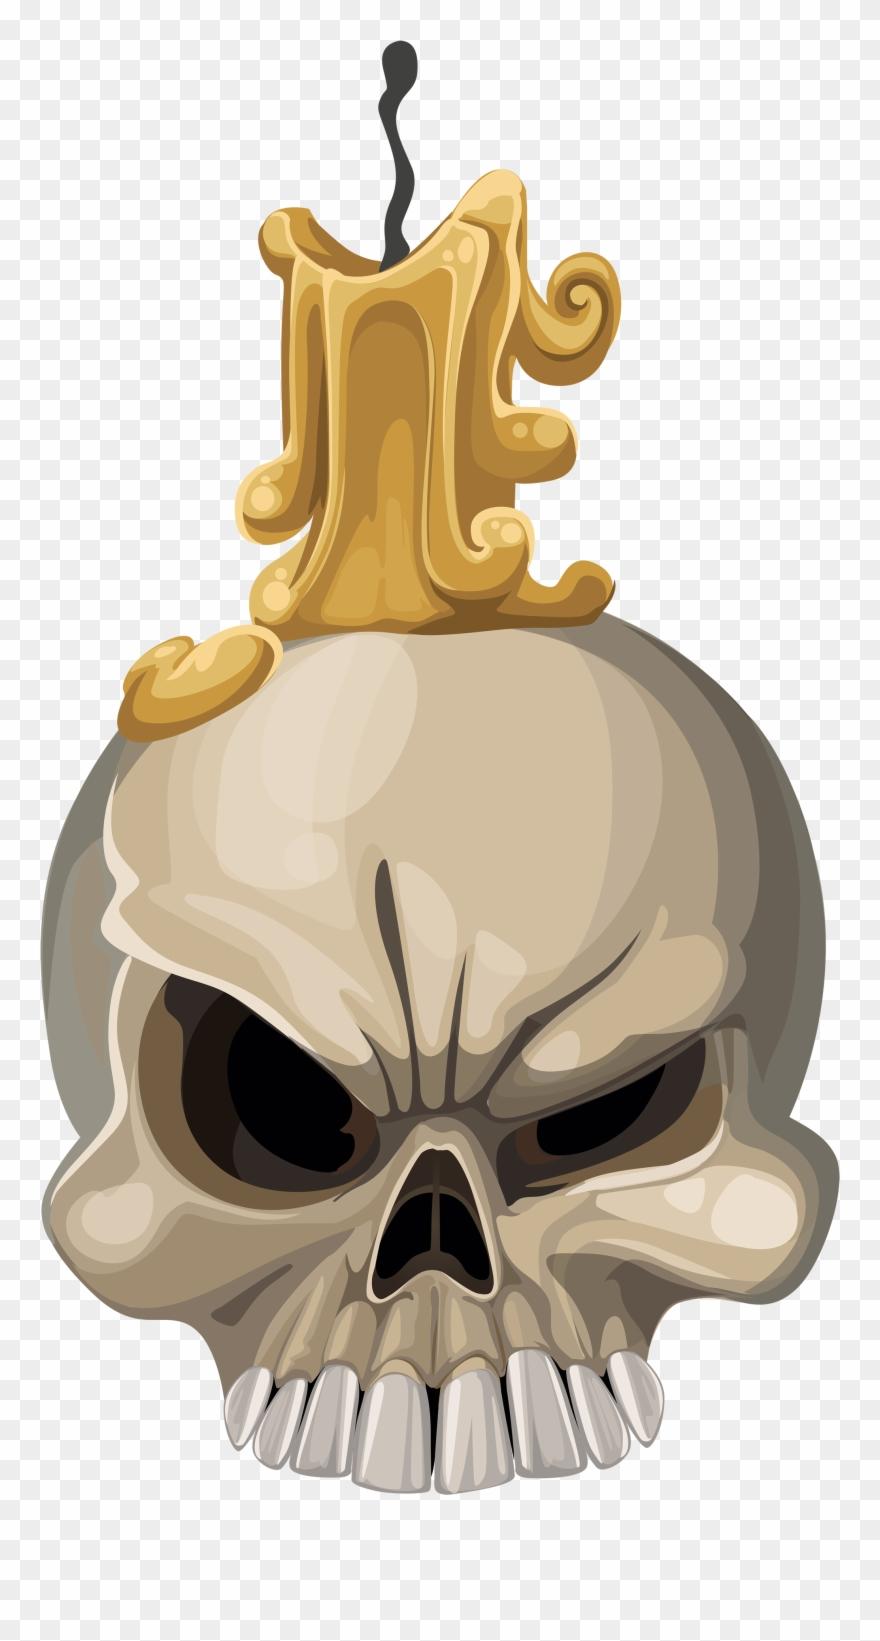 Vela de halloween desenho. Cobra clipart skull